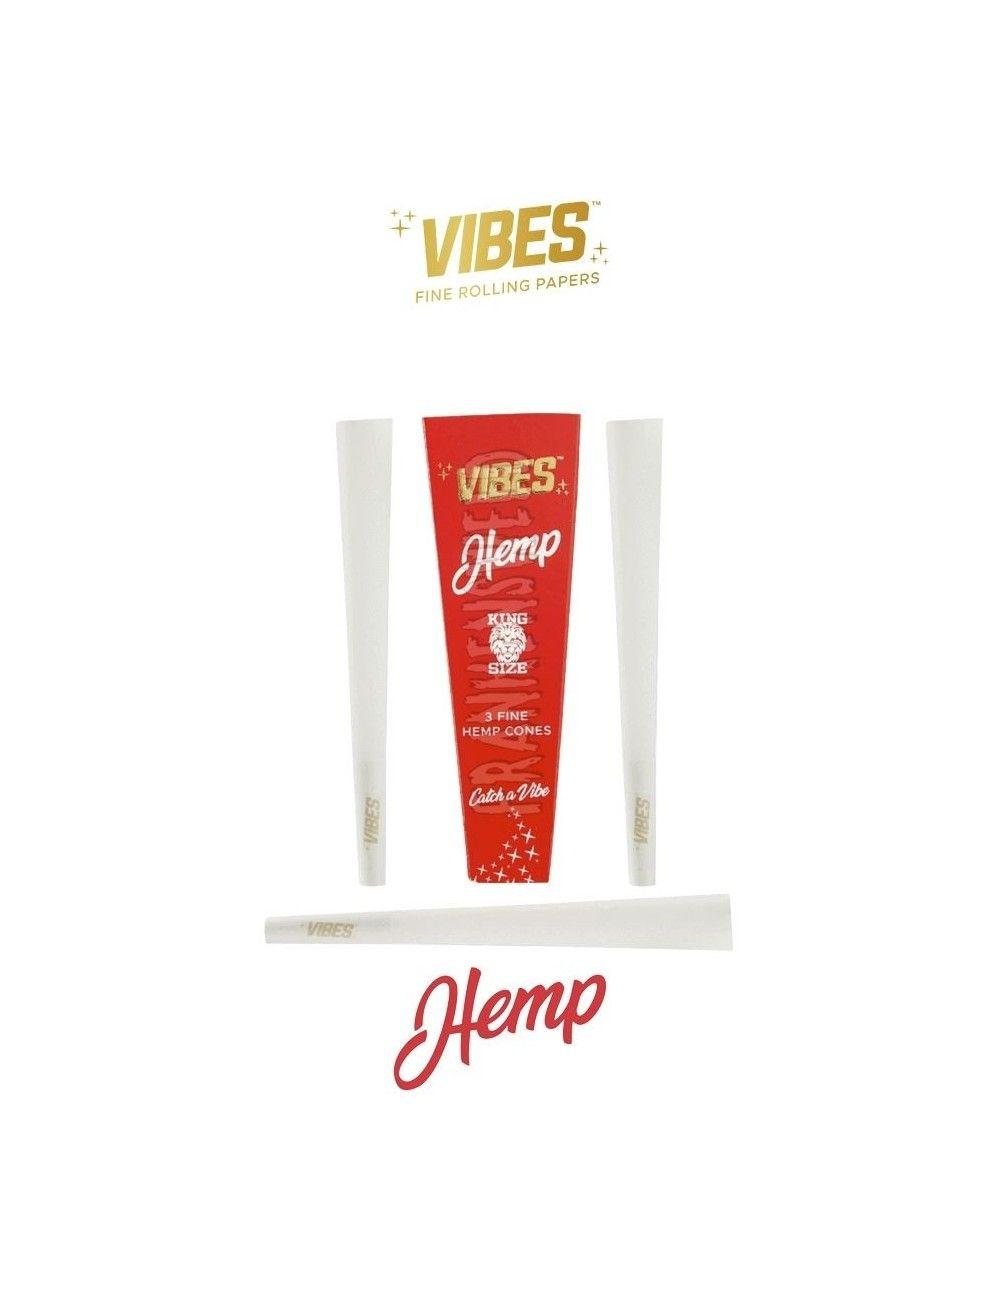 Comprar Vibes Cones Hemp en España, sólo en Frankensweed Shop Online.